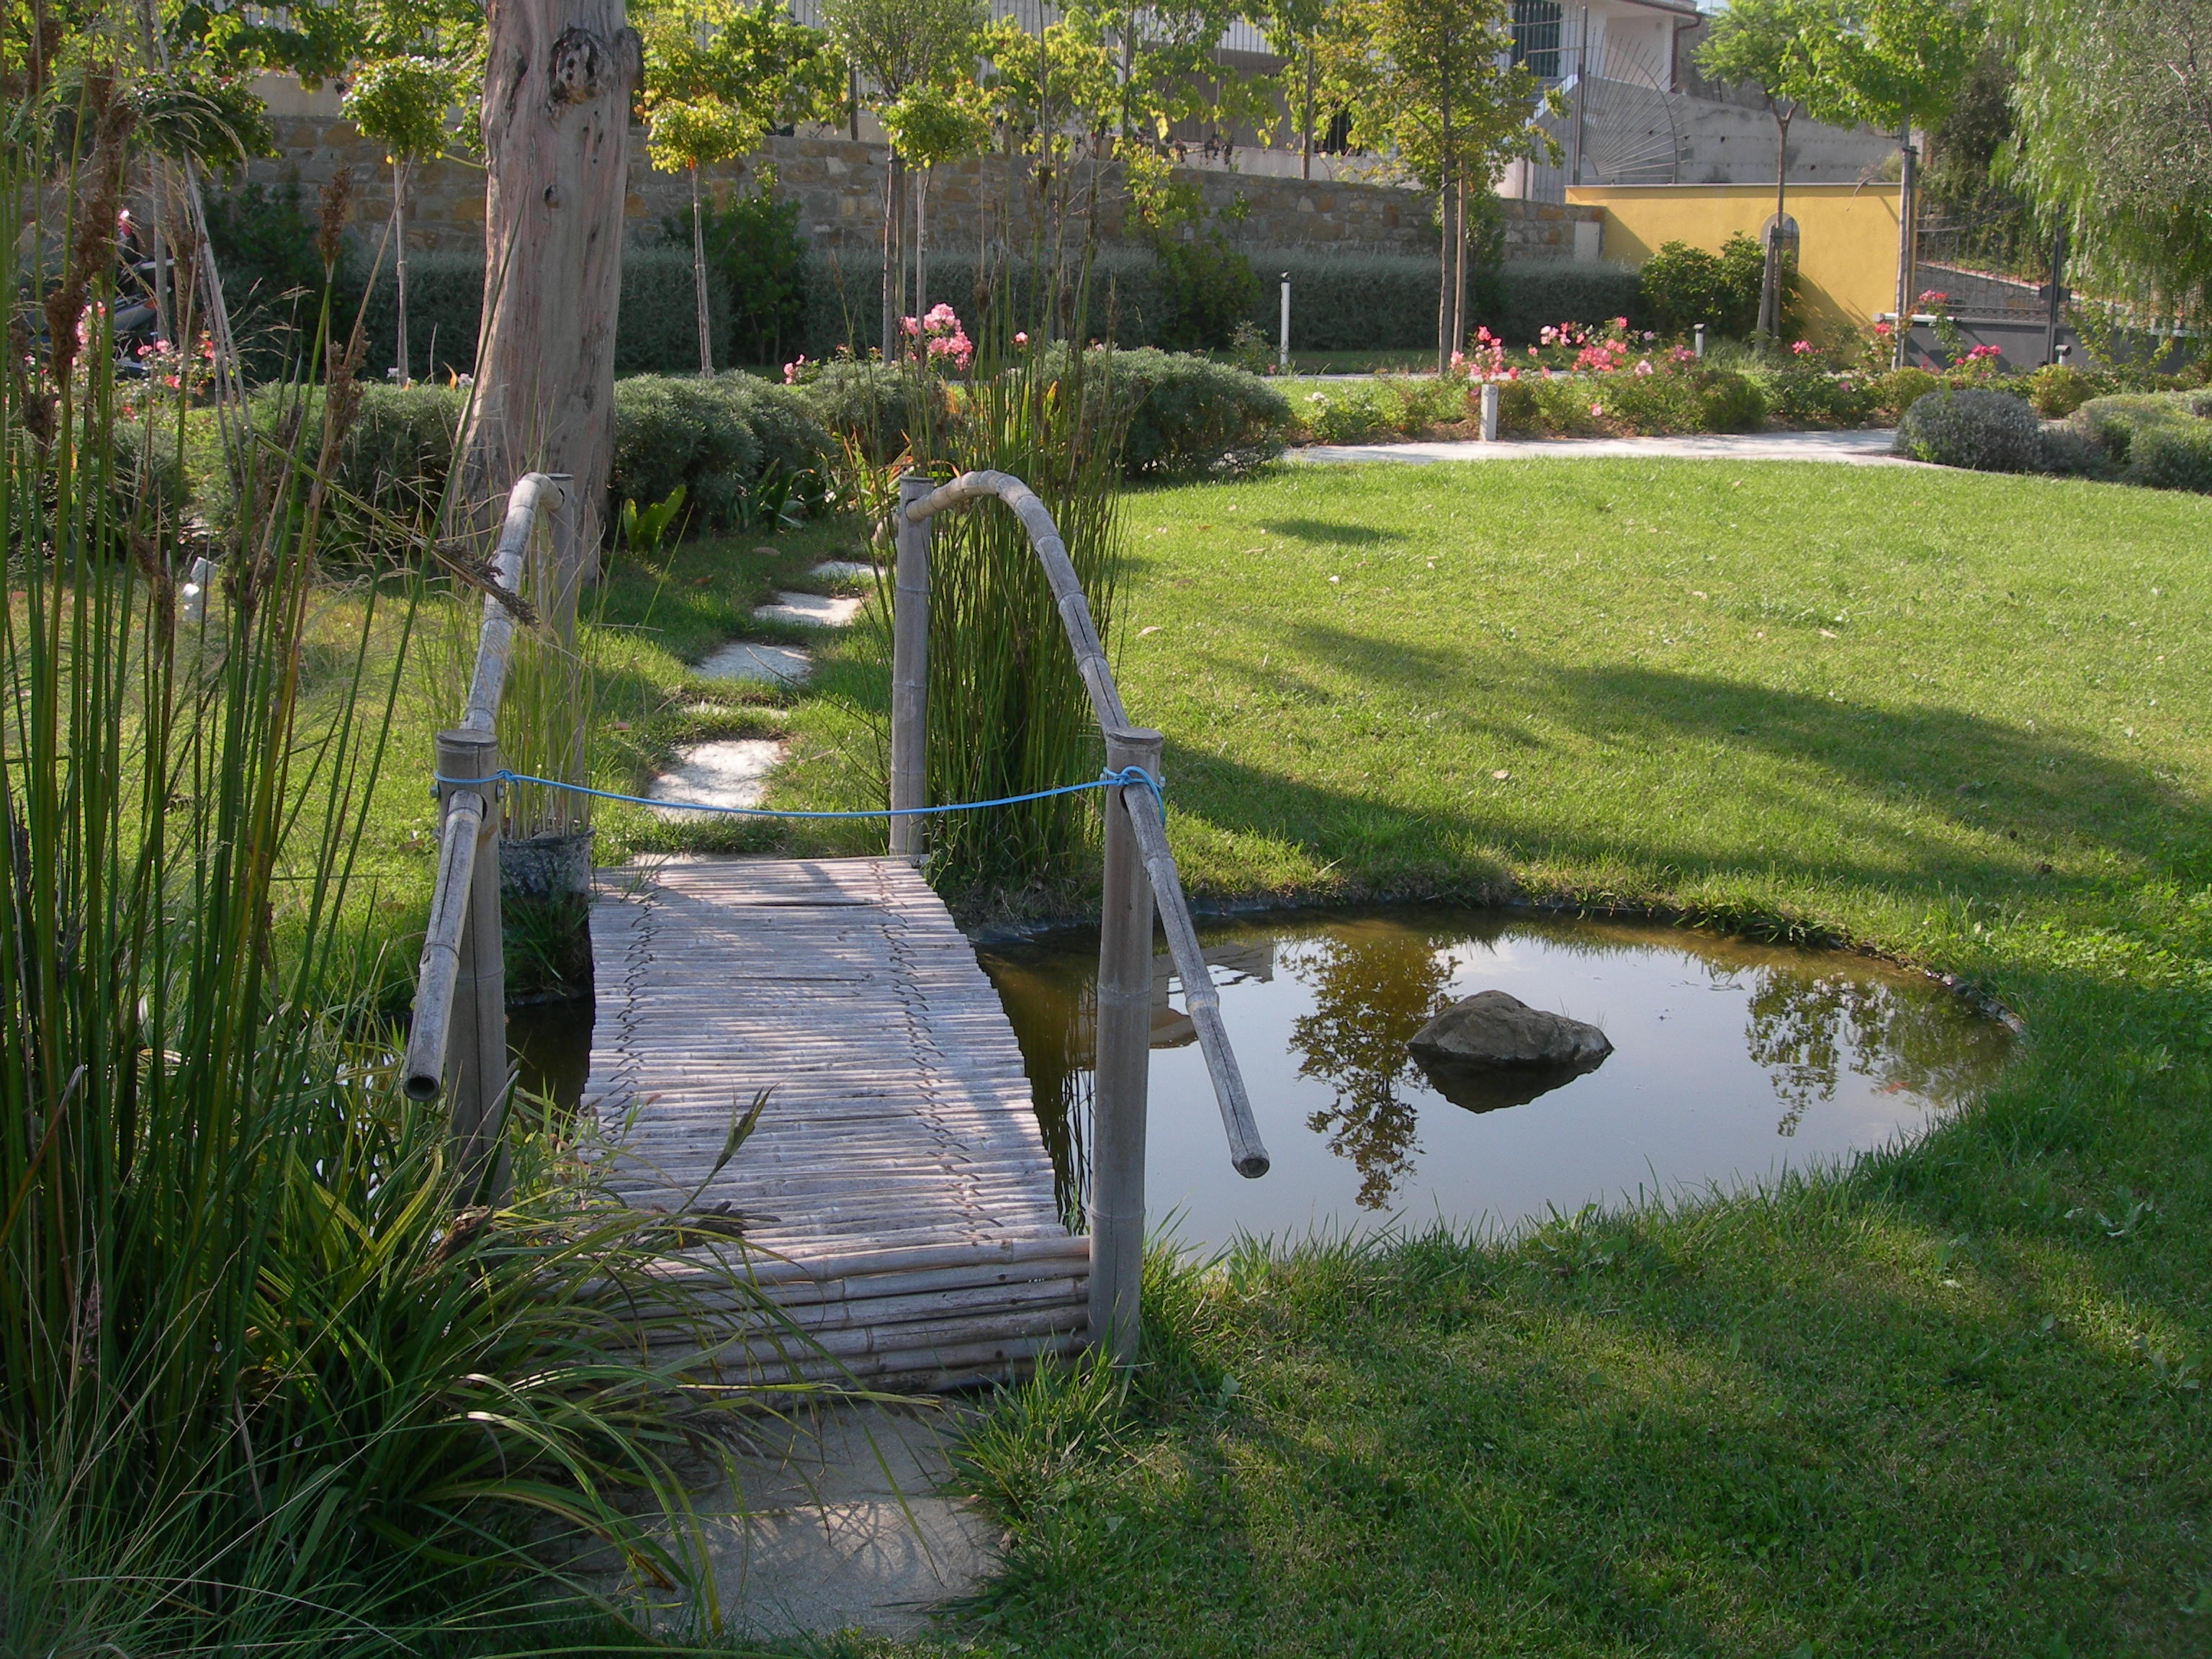 Benza laghetti da giardino cascate e ruscelli artificiali - Cascata da giardino ...